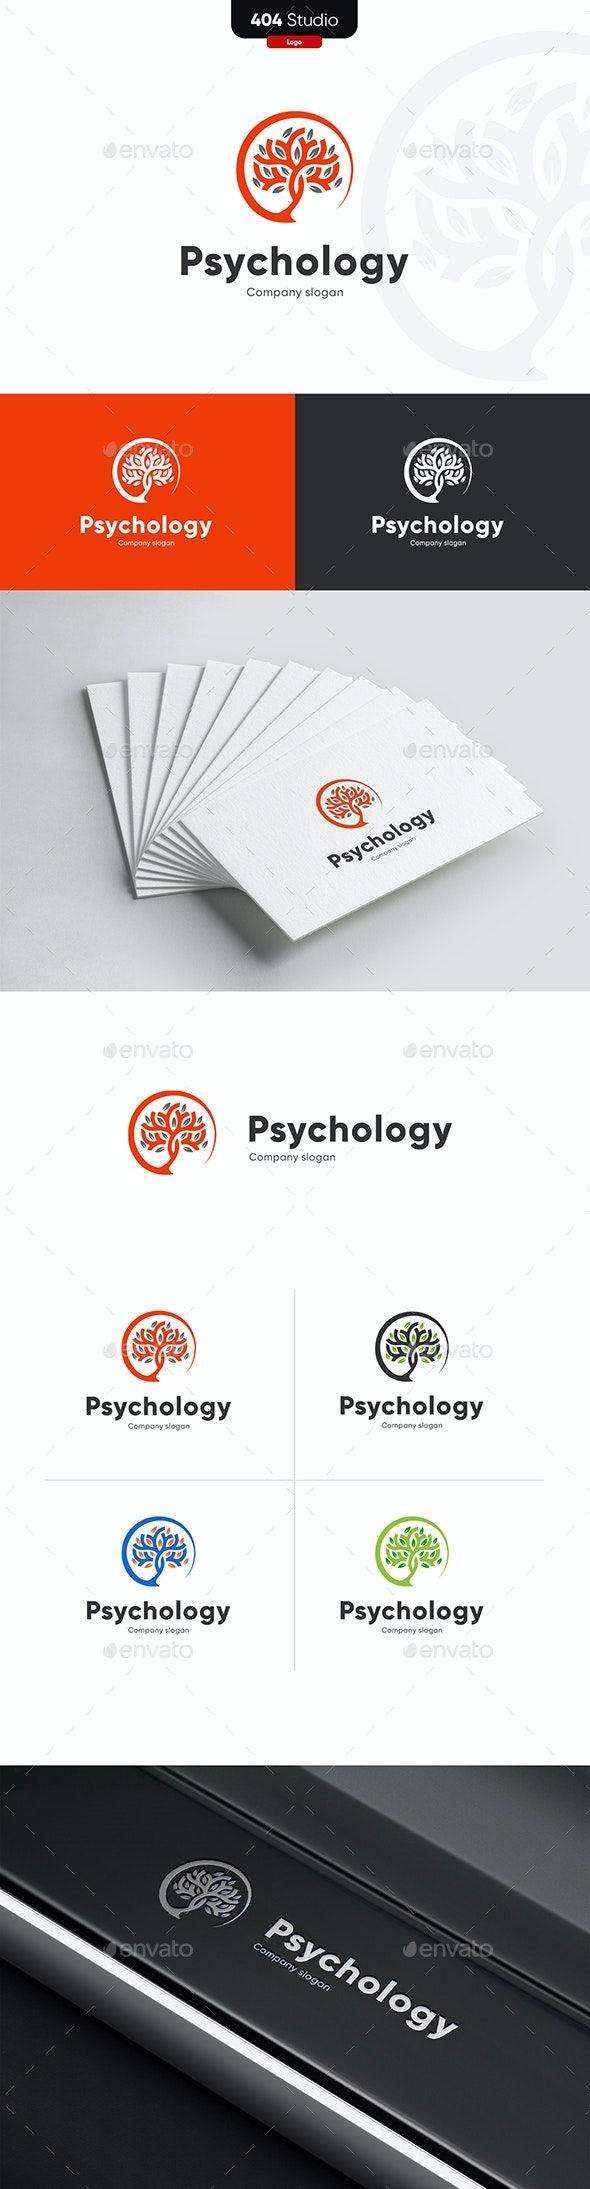 Pin on Logo